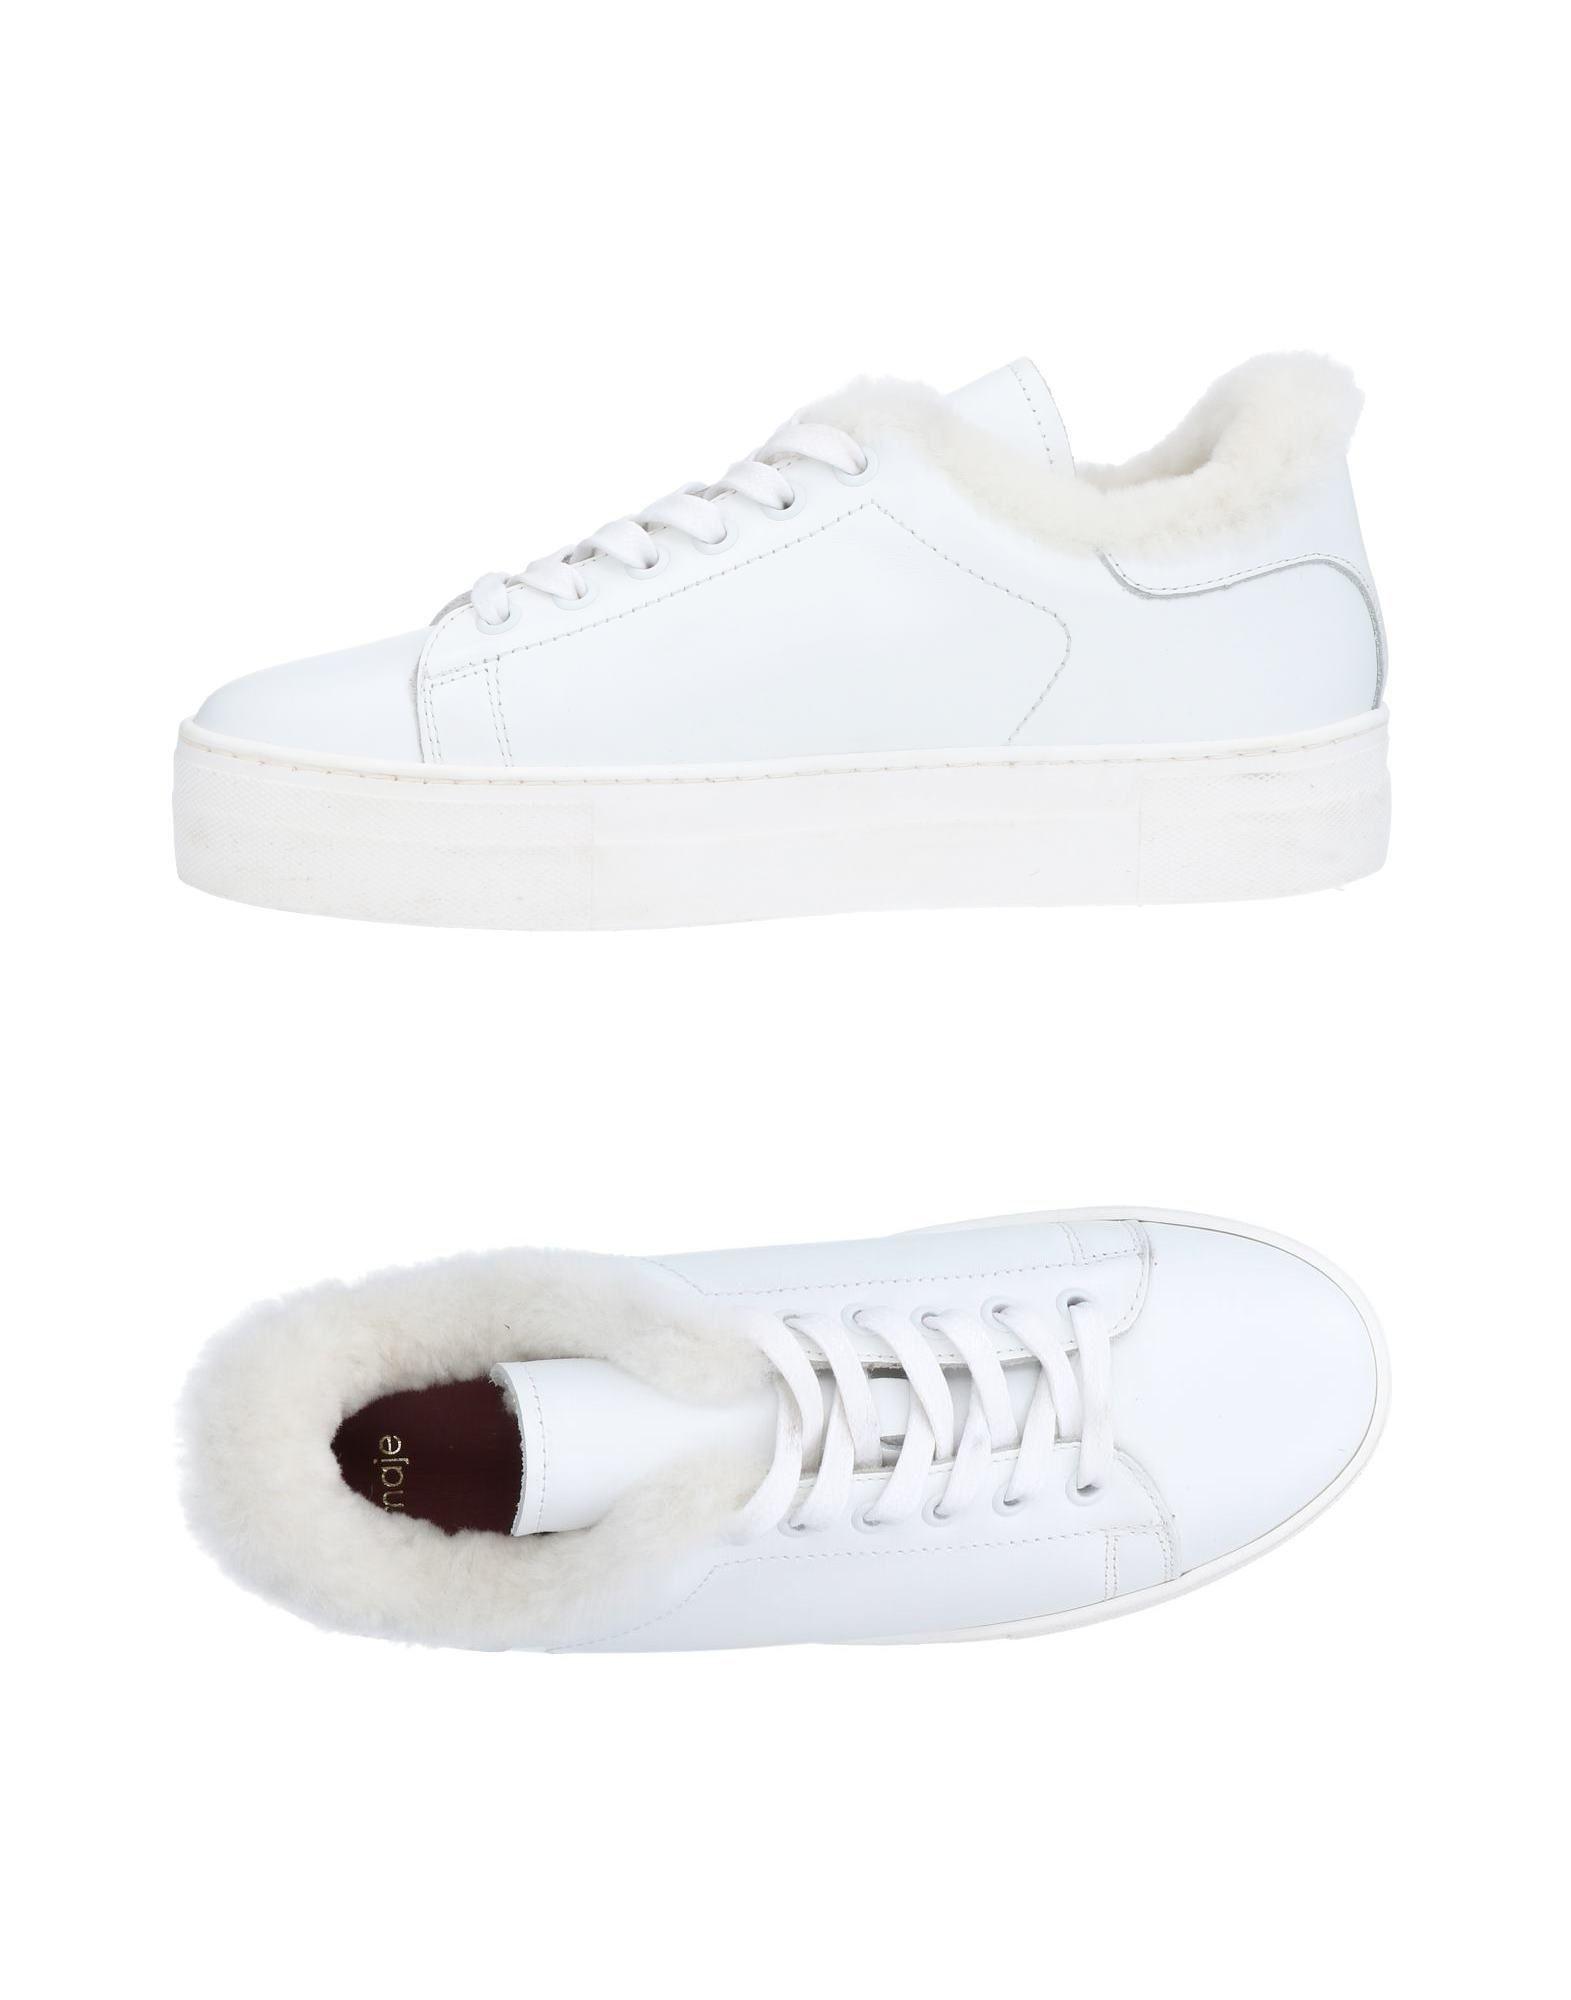 Stilvolle billige  Schuhe Maje Sneakers Damen  billige 11462414XW 347ef4